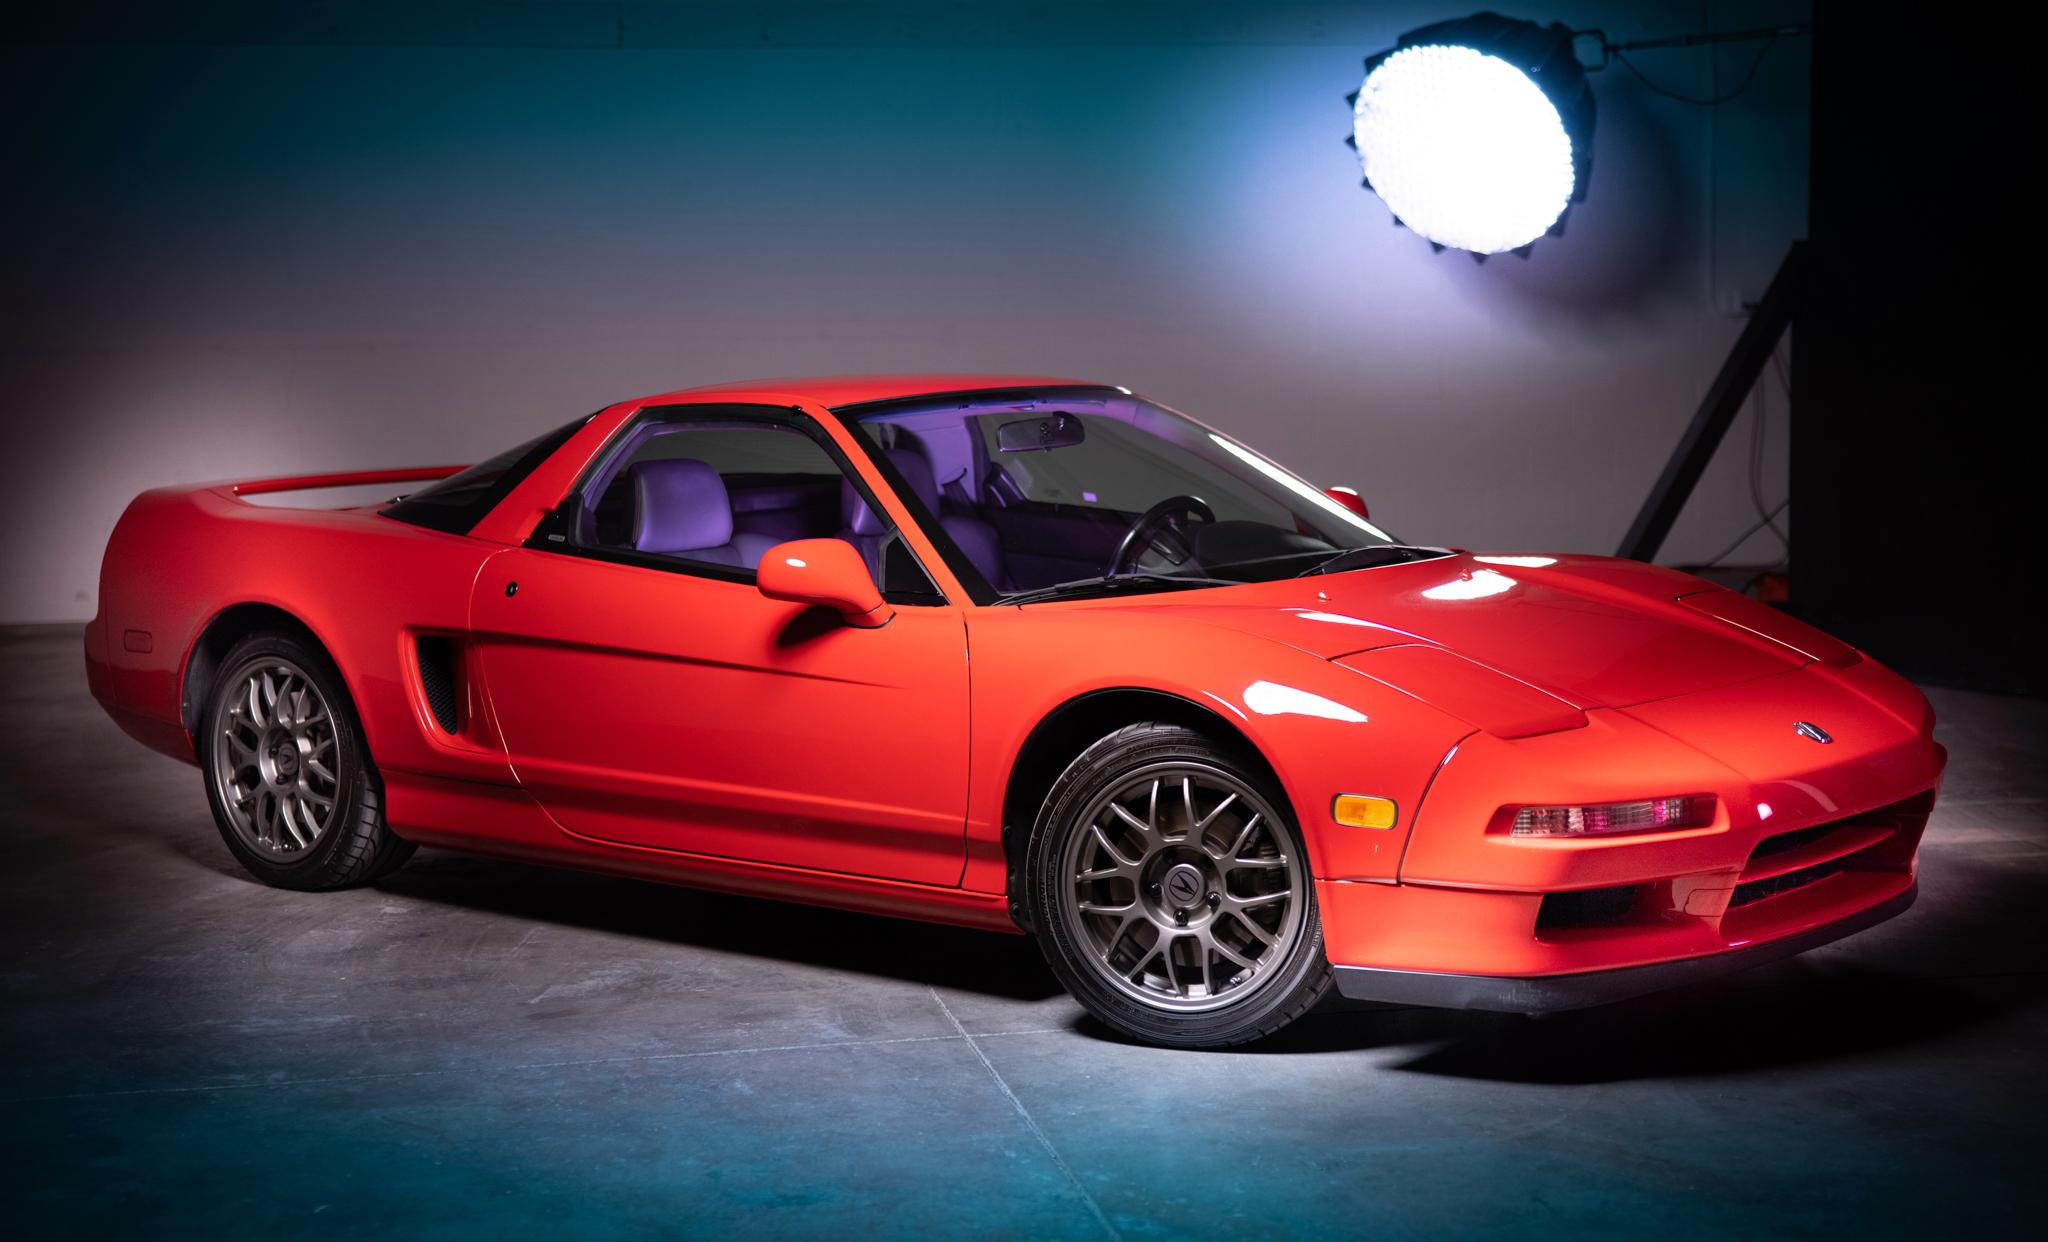 1999-Acura-Honda-NSX-2 | Les Voitures